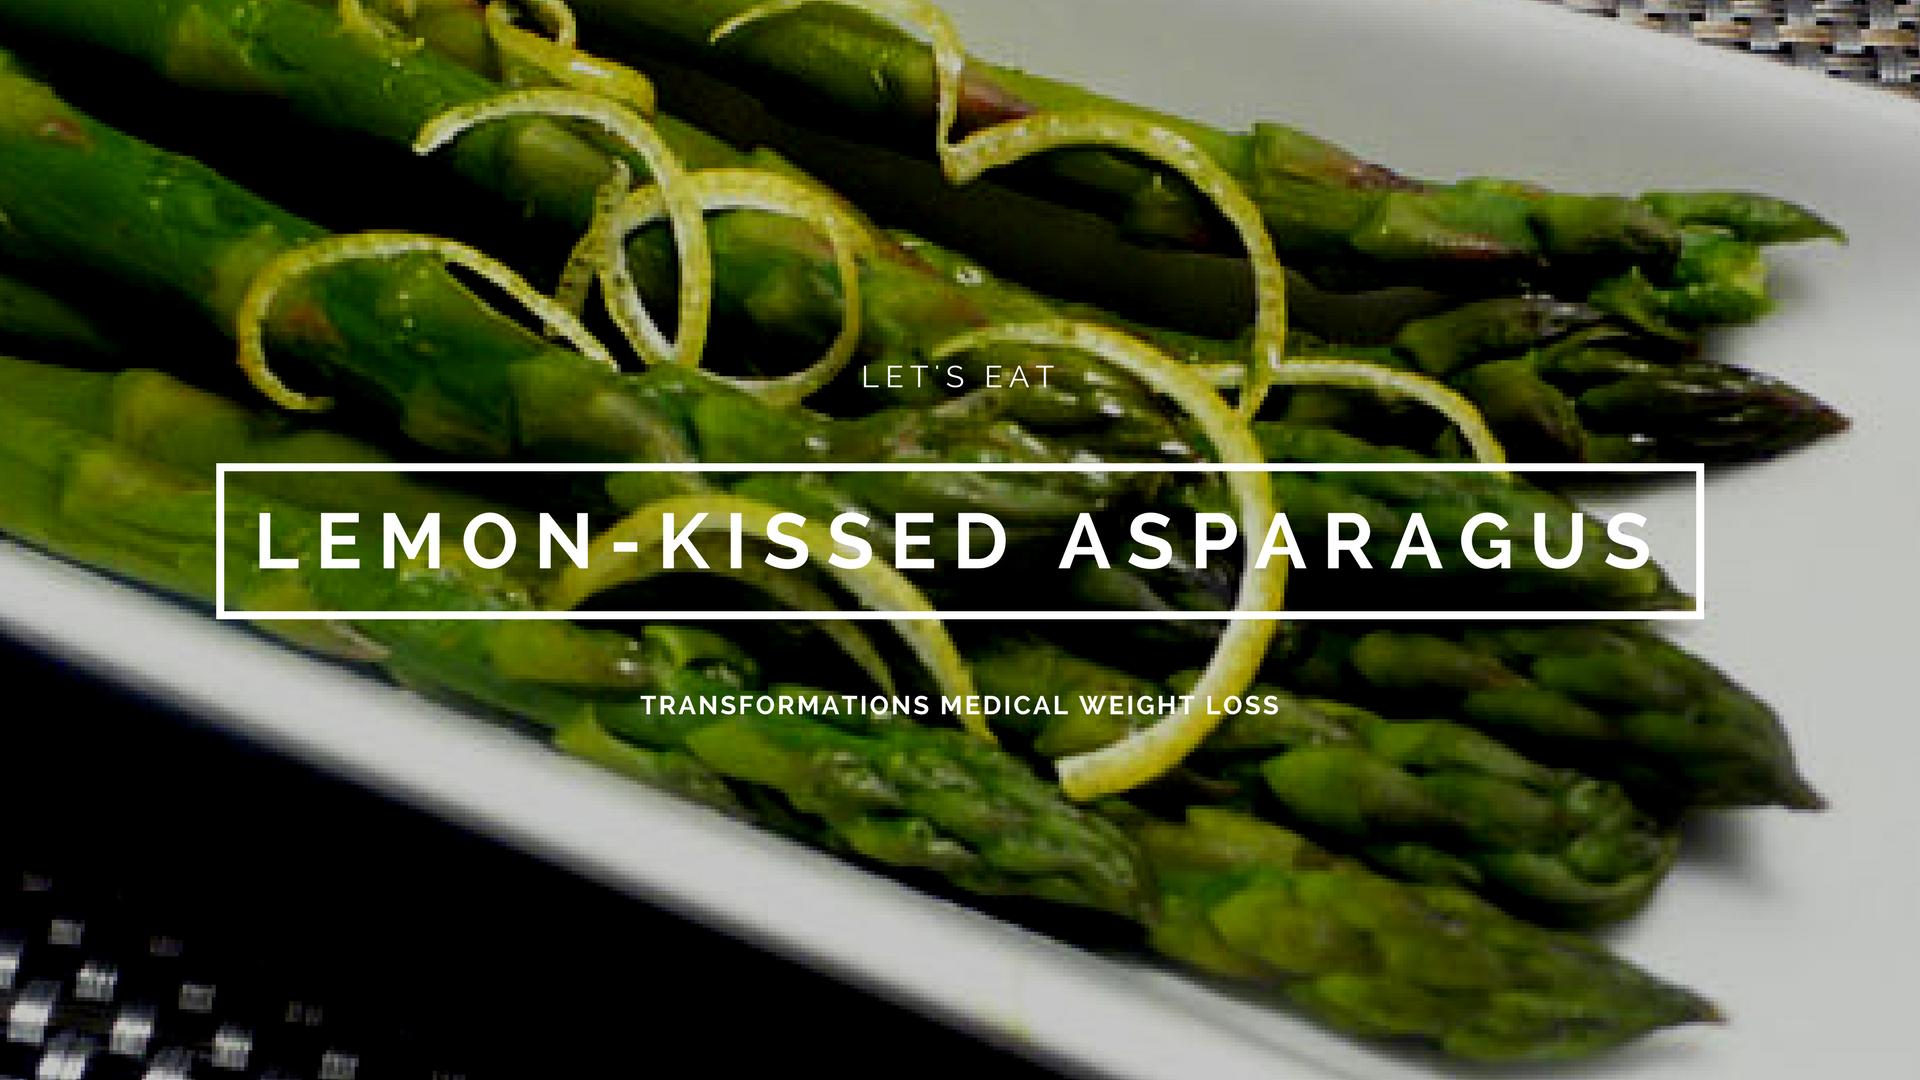 Lemon-Kissed Asparagus